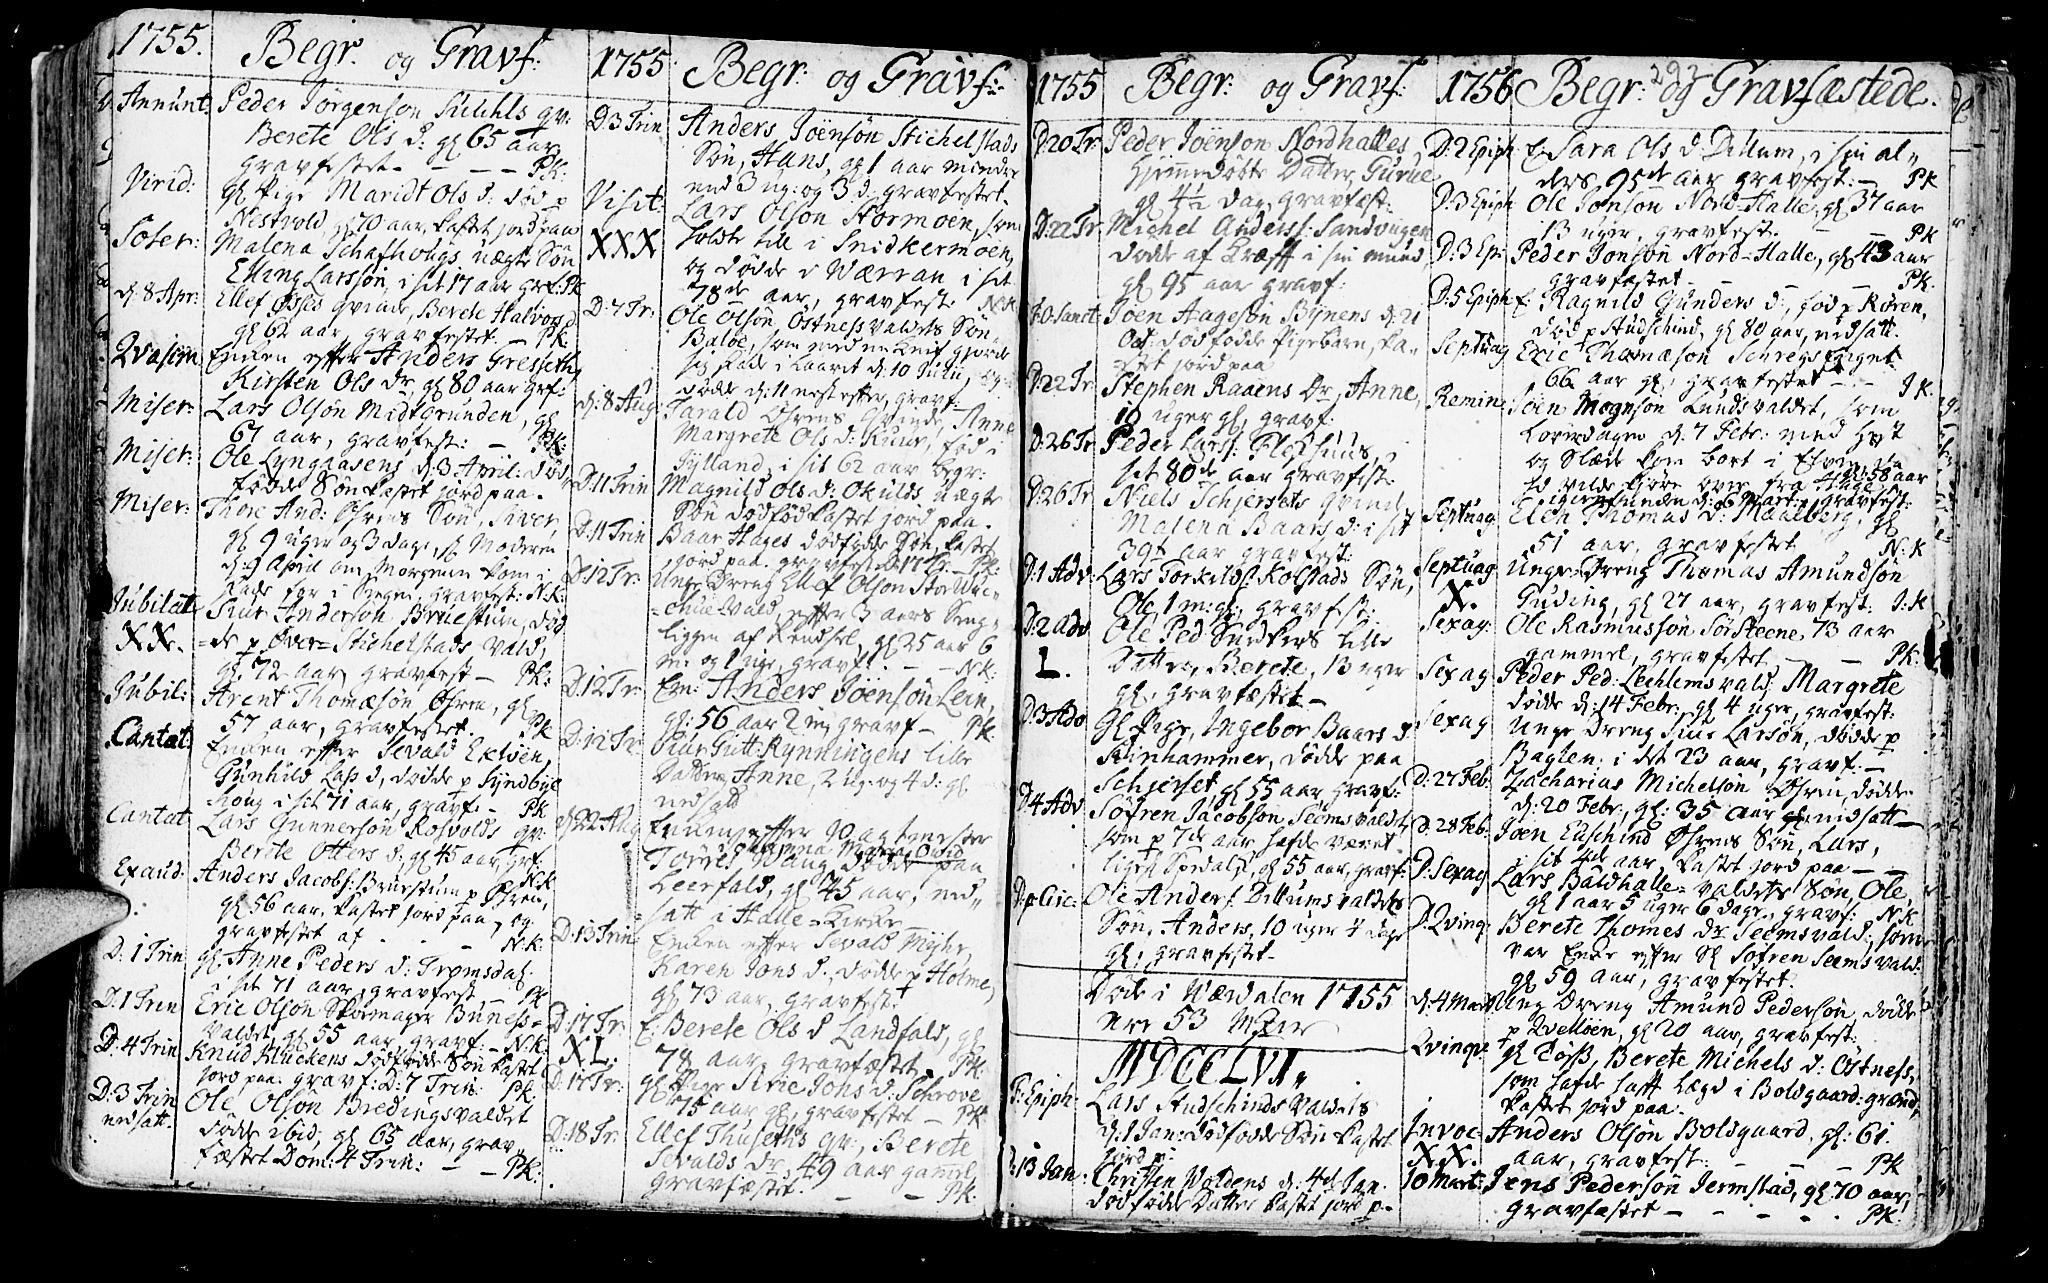 SAT, Ministerialprotokoller, klokkerbøker og fødselsregistre - Nord-Trøndelag, 723/L0231: Ministerialbok nr. 723A02, 1748-1780, s. 292